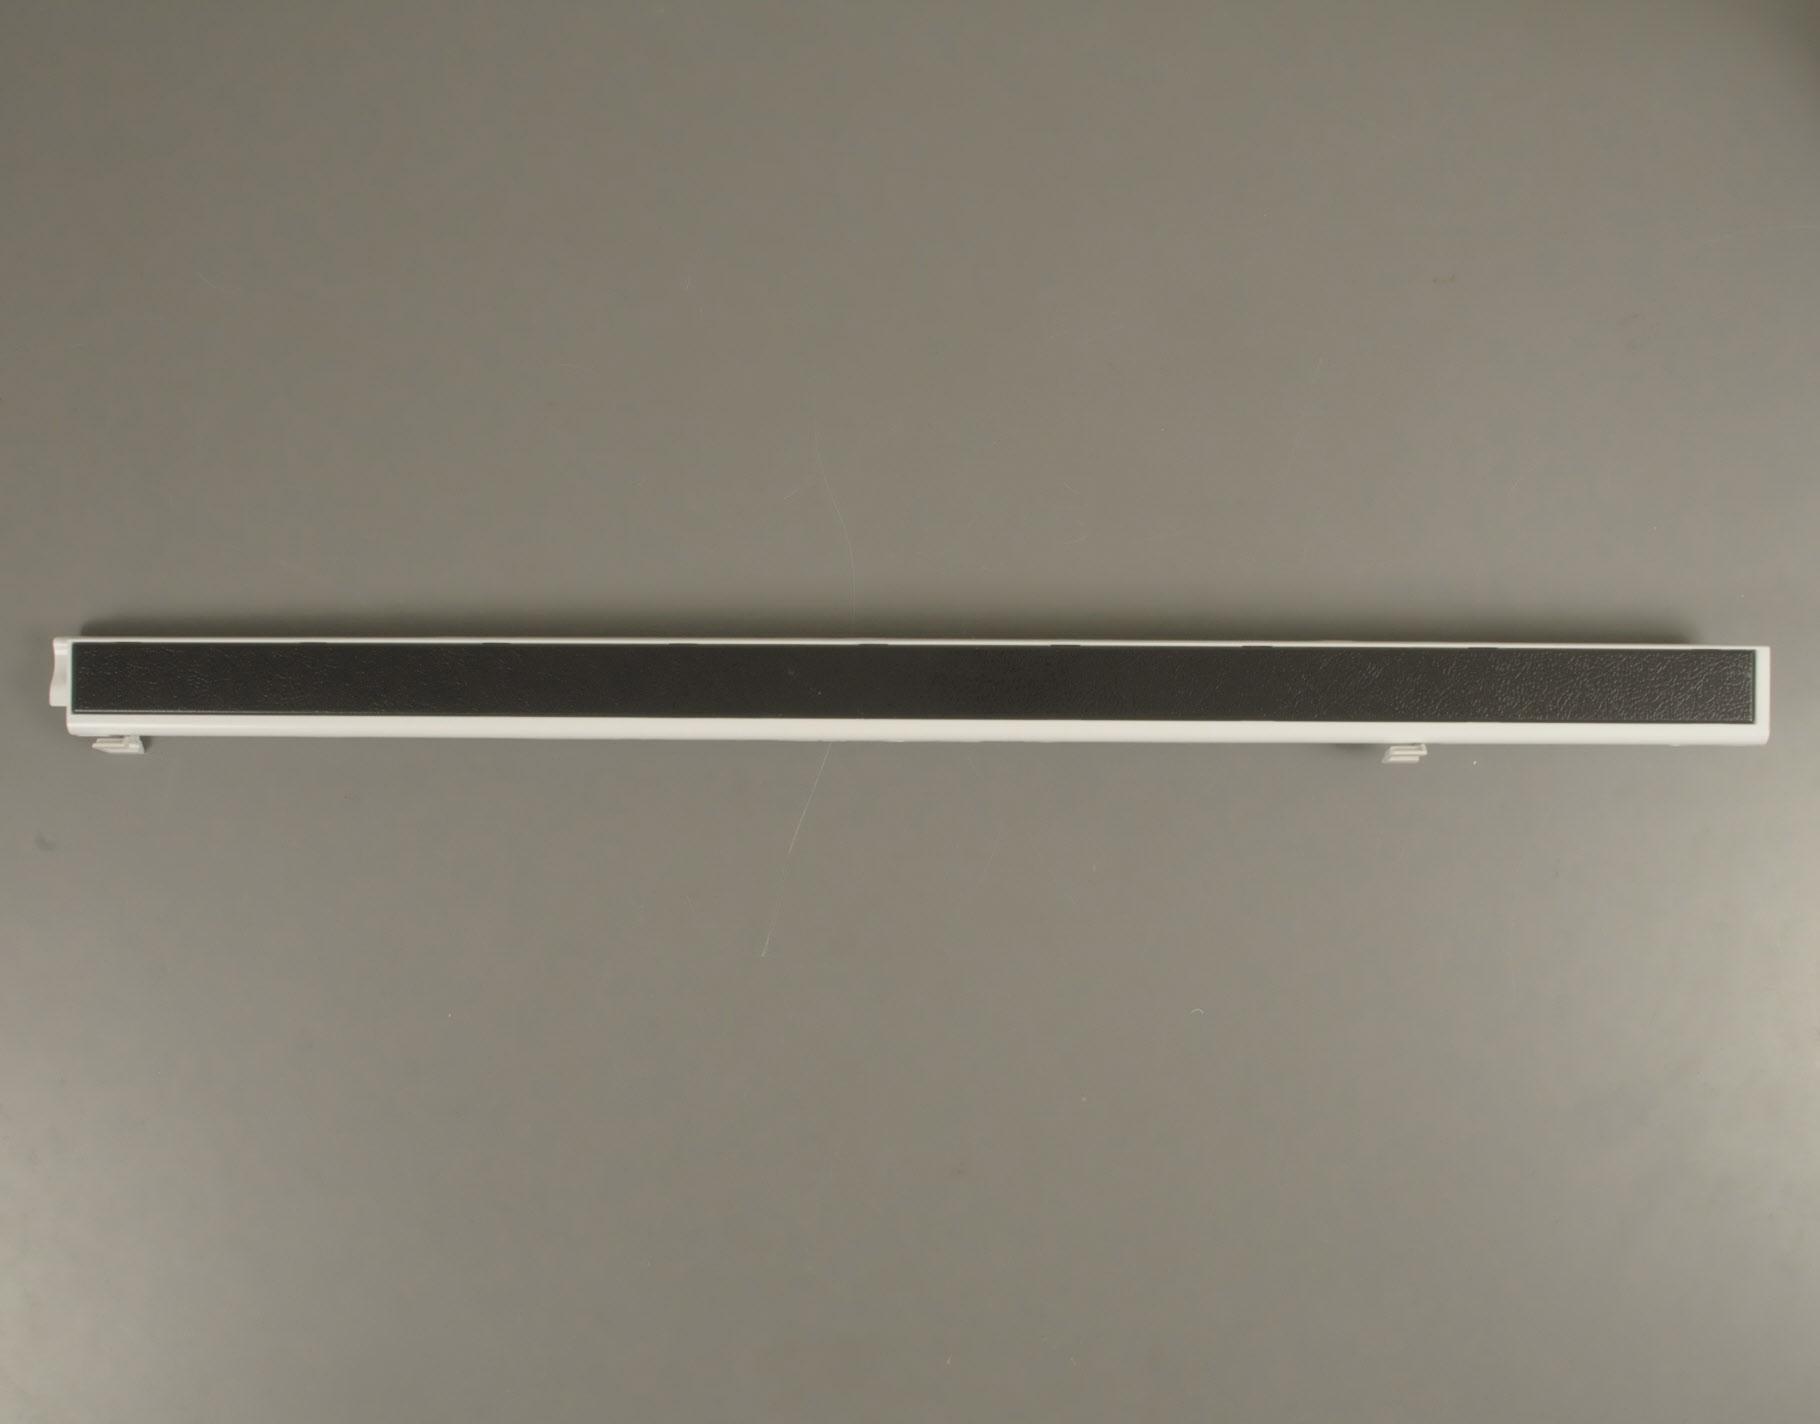 12002082 Kenmore Refrigerator Part -Door Guide